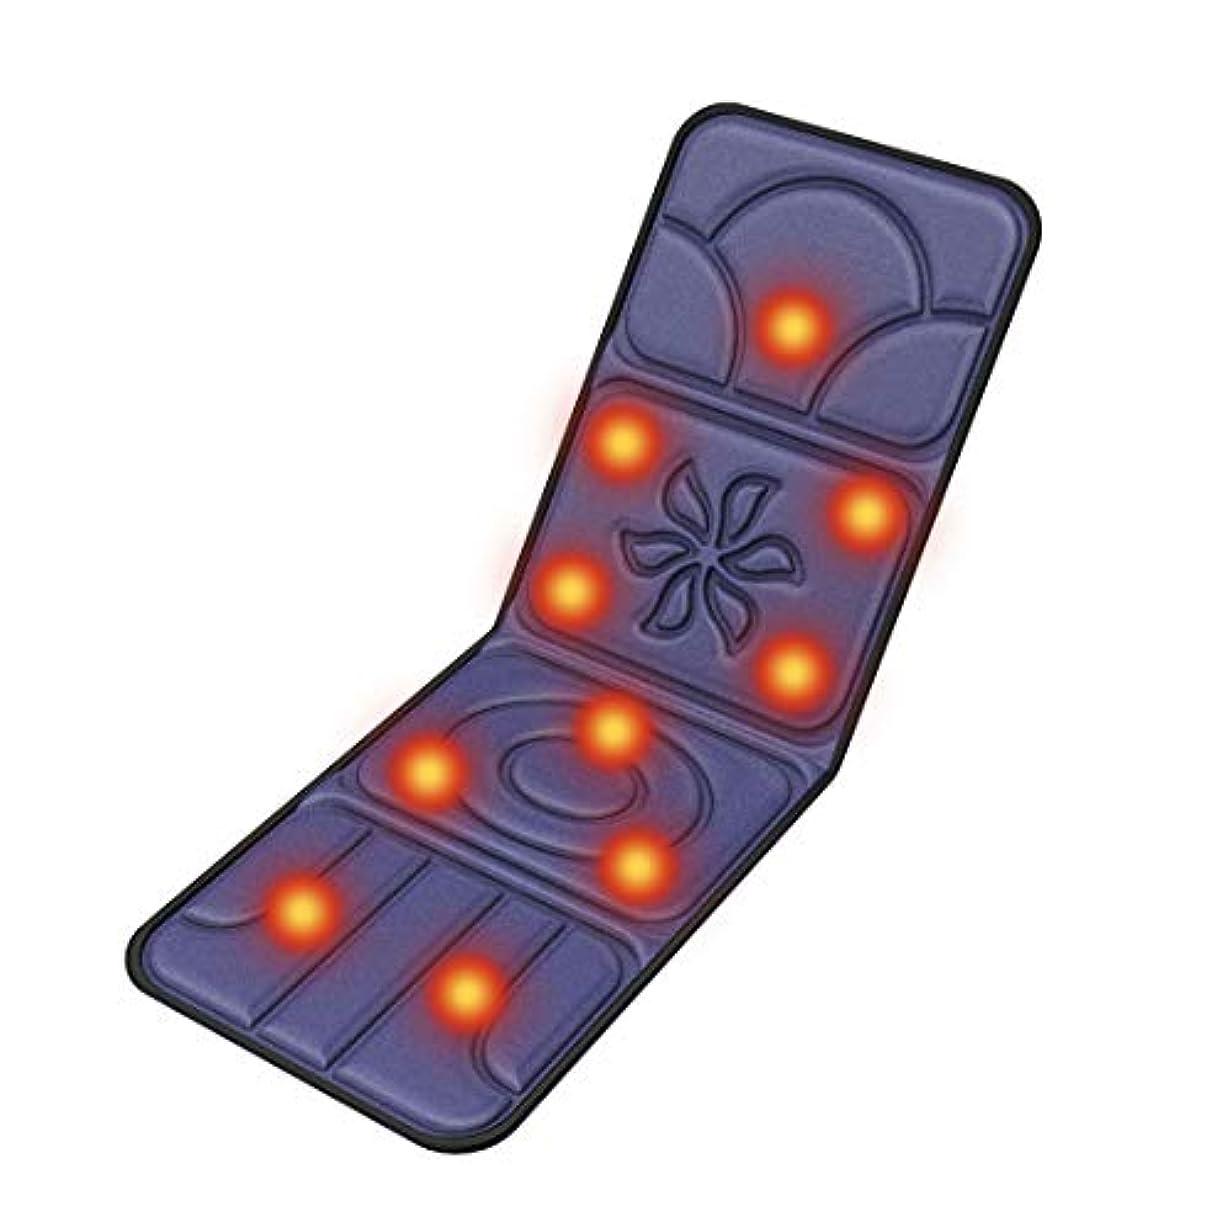 権威感嘆放牧するDOOB マッサージマットレス スリープ折りたたみ床 マッサージ機 マッサージ クッション シート マットレス チェア 電動 パッド 10つのもみ玉